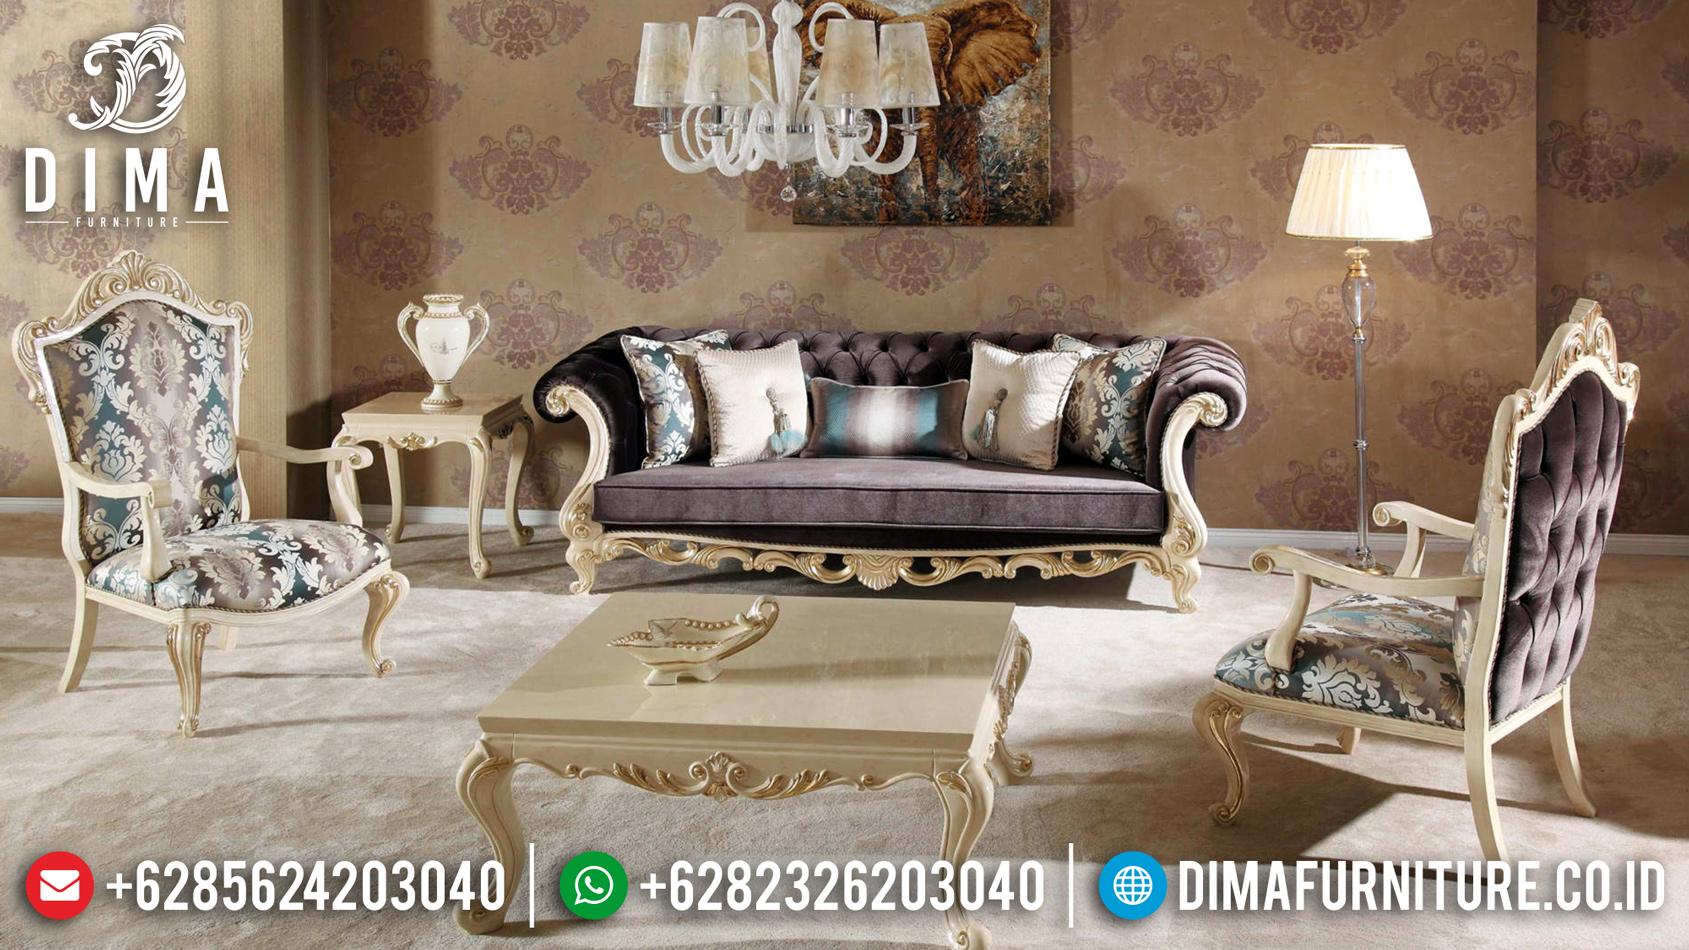 Sofa Tamu Mewah Jepara White Ivory Classic Luxury New Turkish Style MMJ-0835